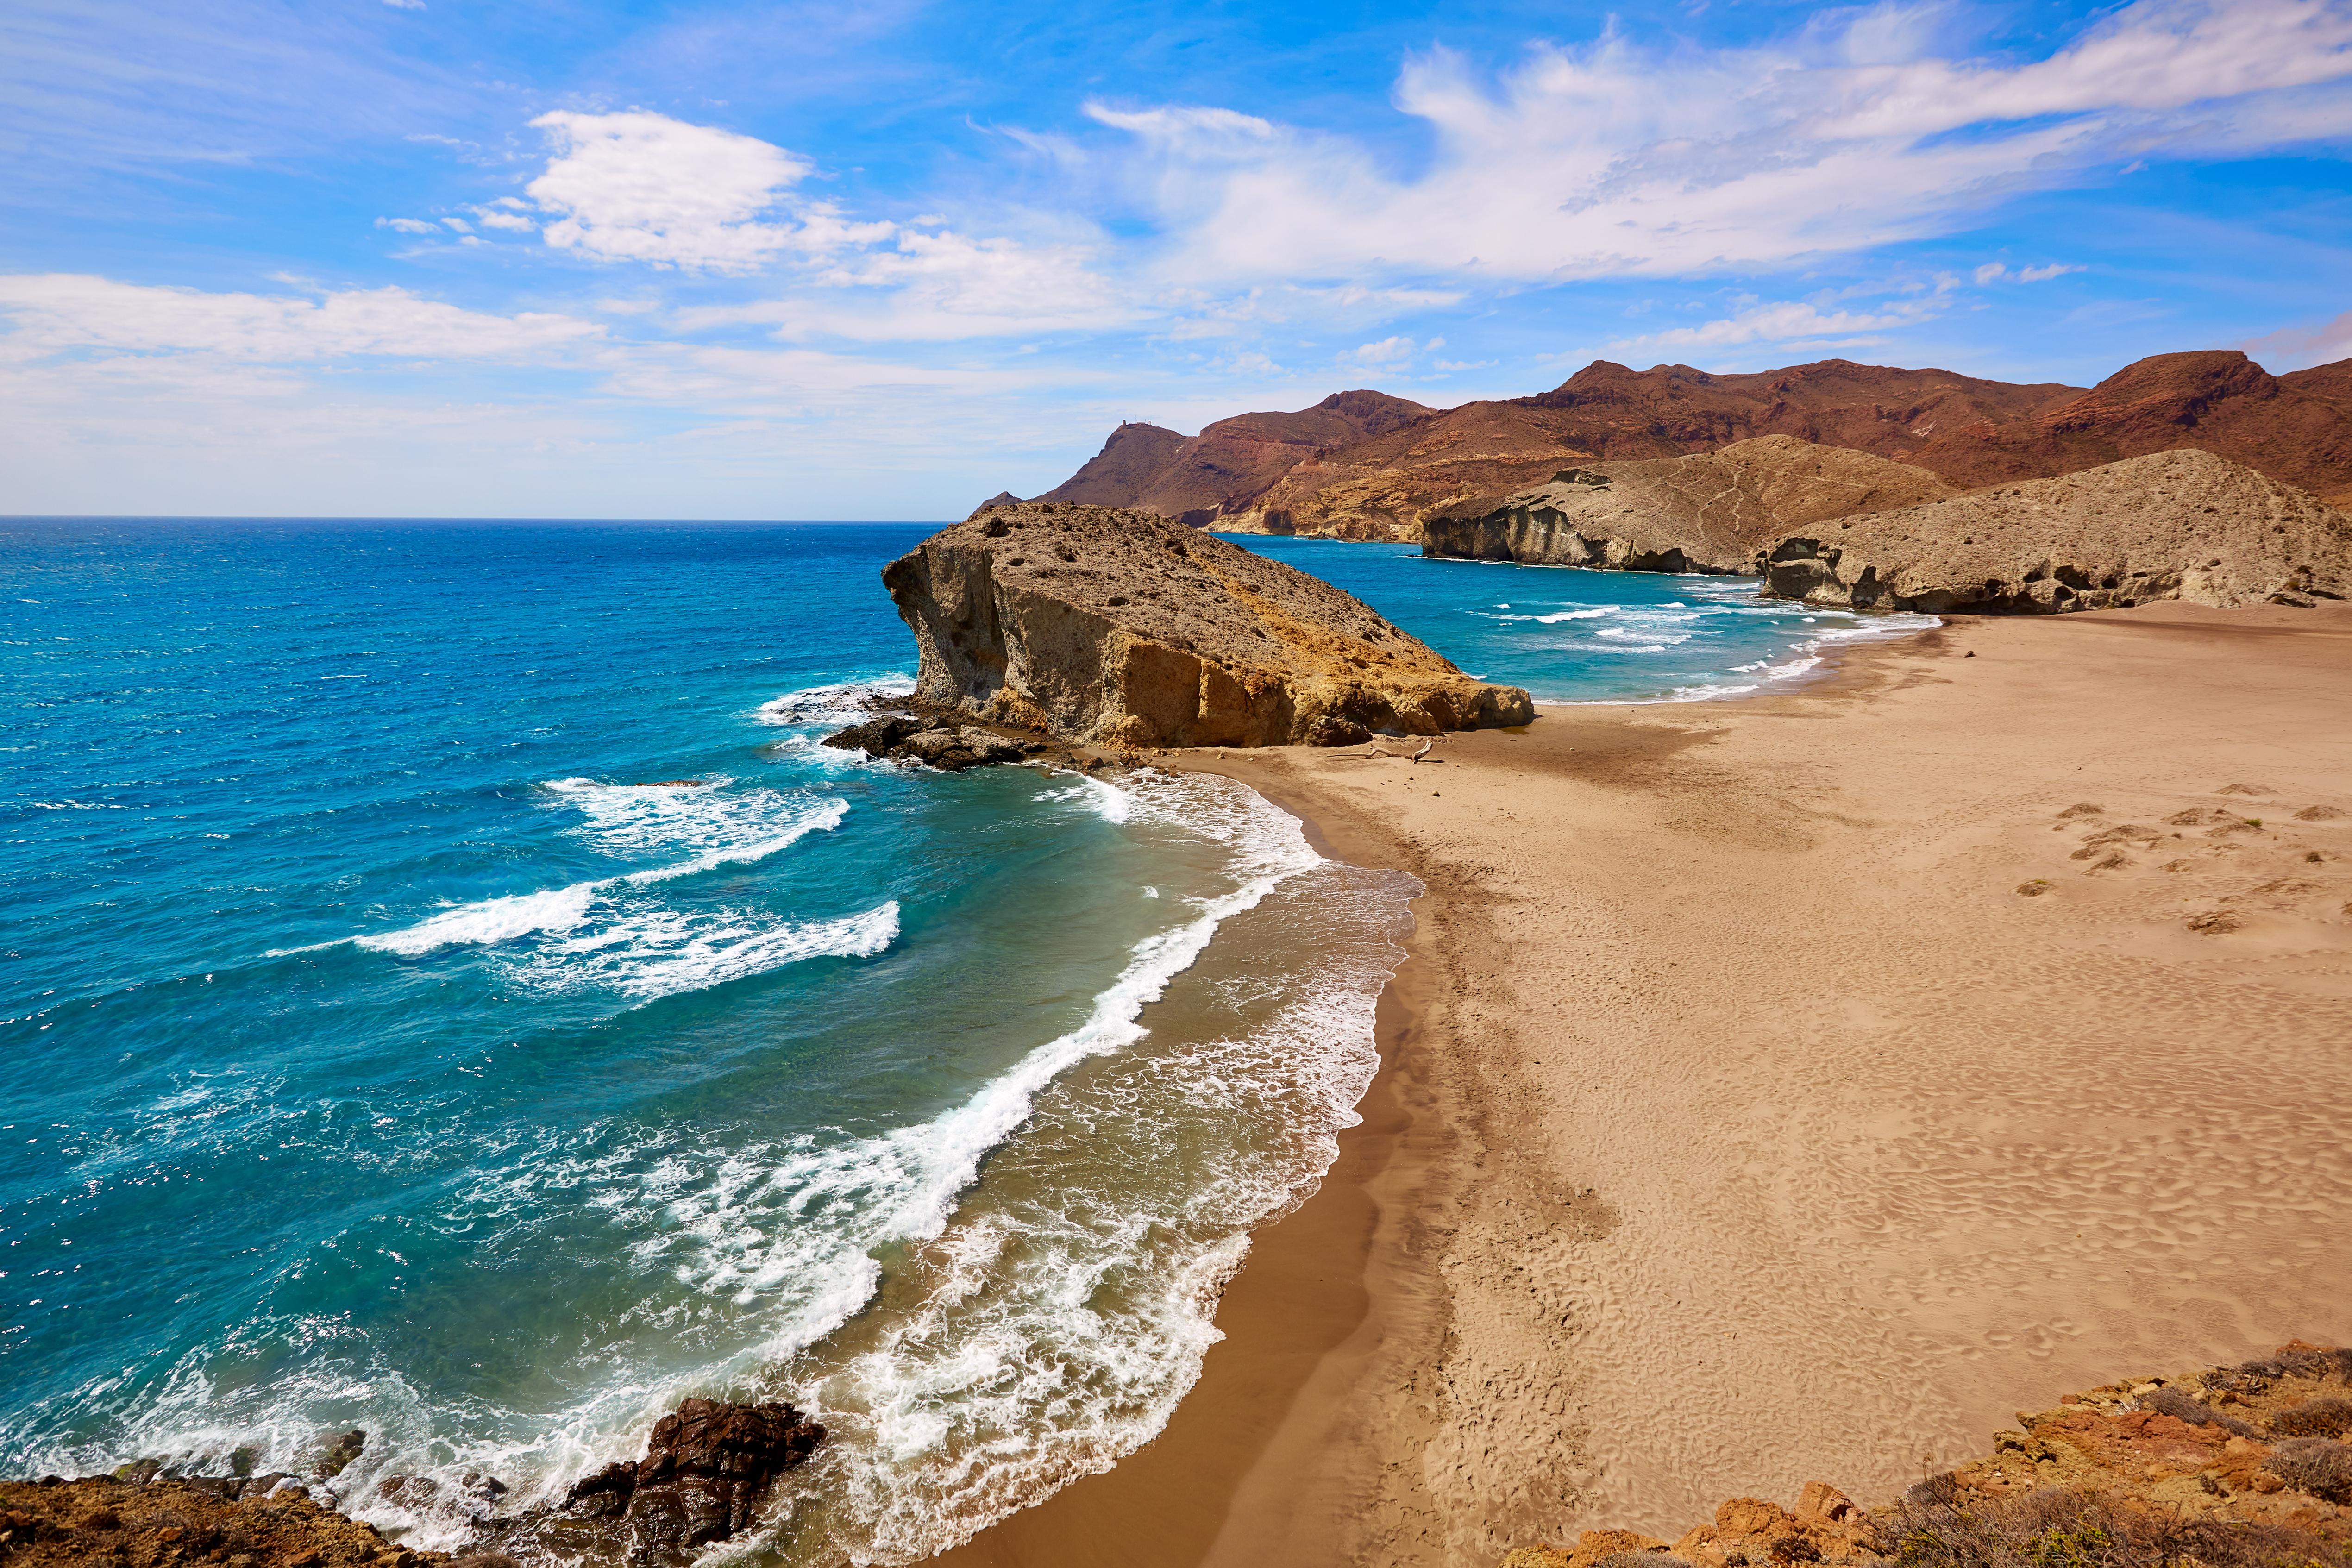 El mejor escenario natural para el cine. Foto: Shutterstock.